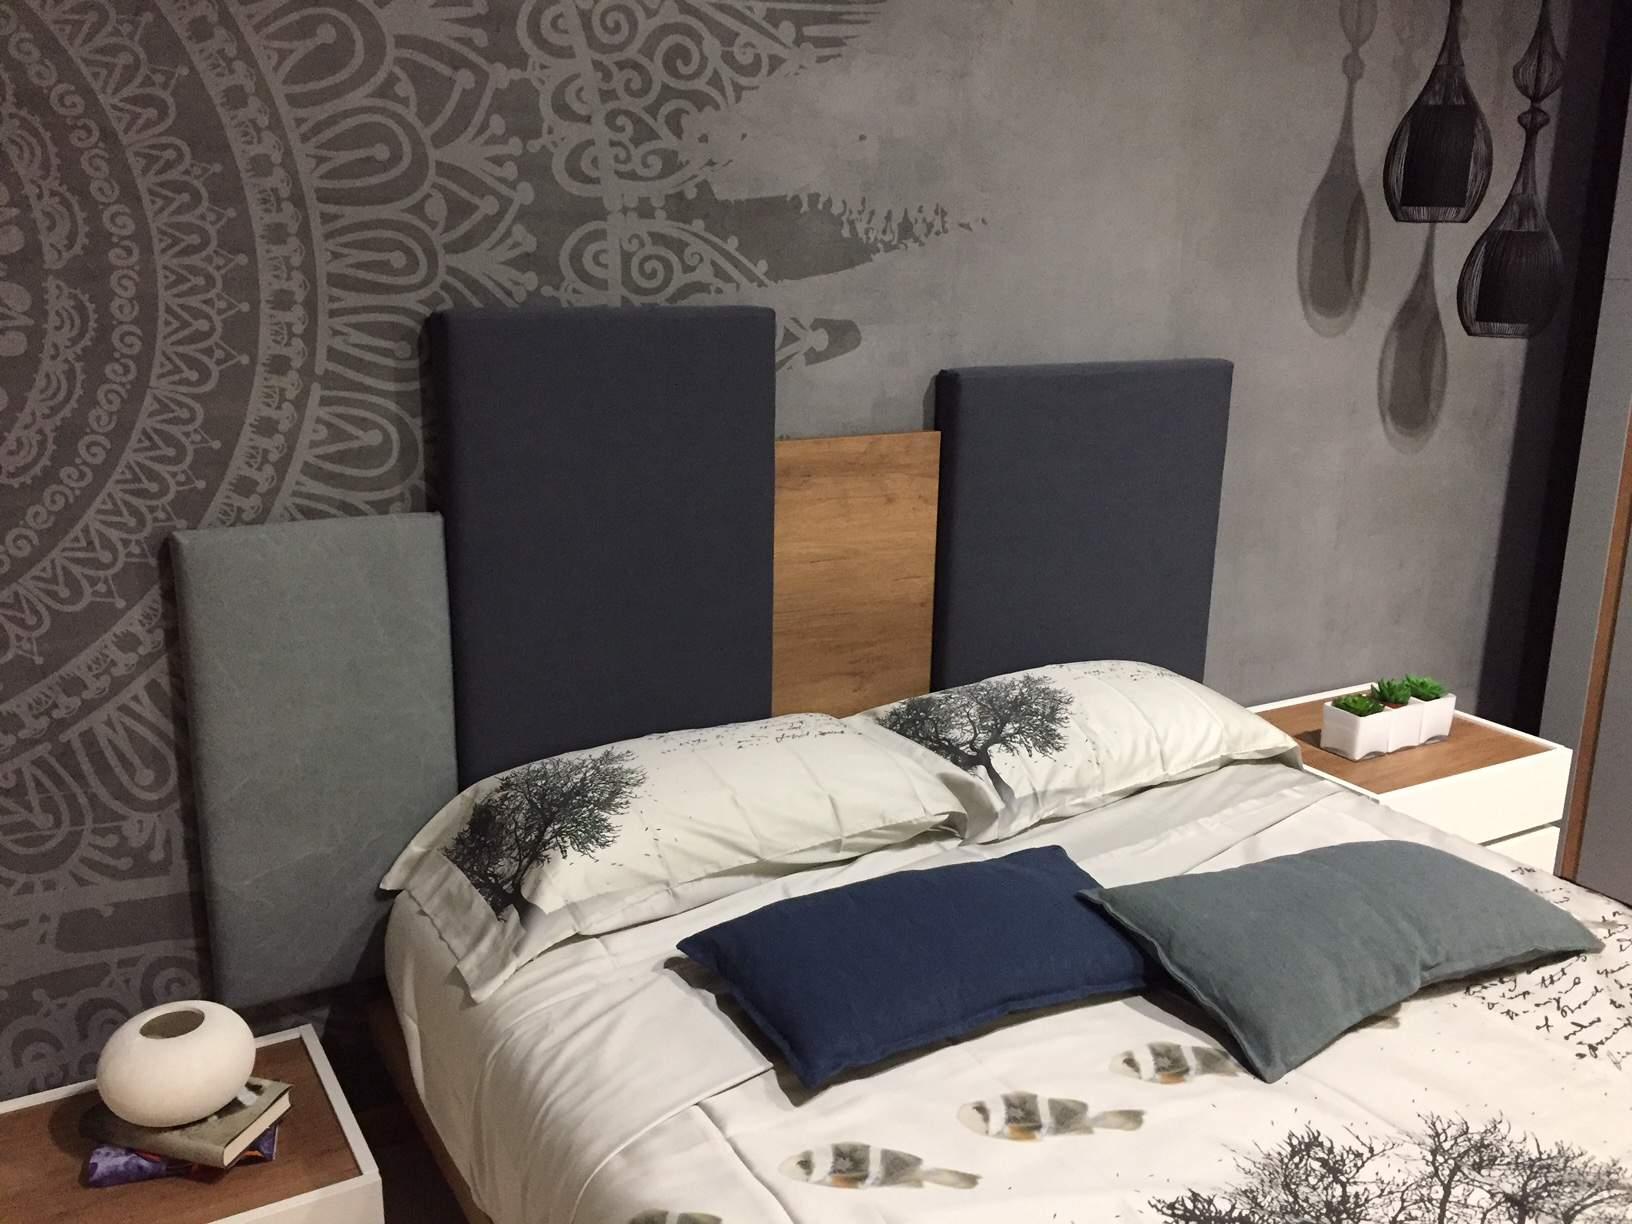 Tomasella nuovo showroom piacentini arredamenti roma 8 for Roma arredamenti